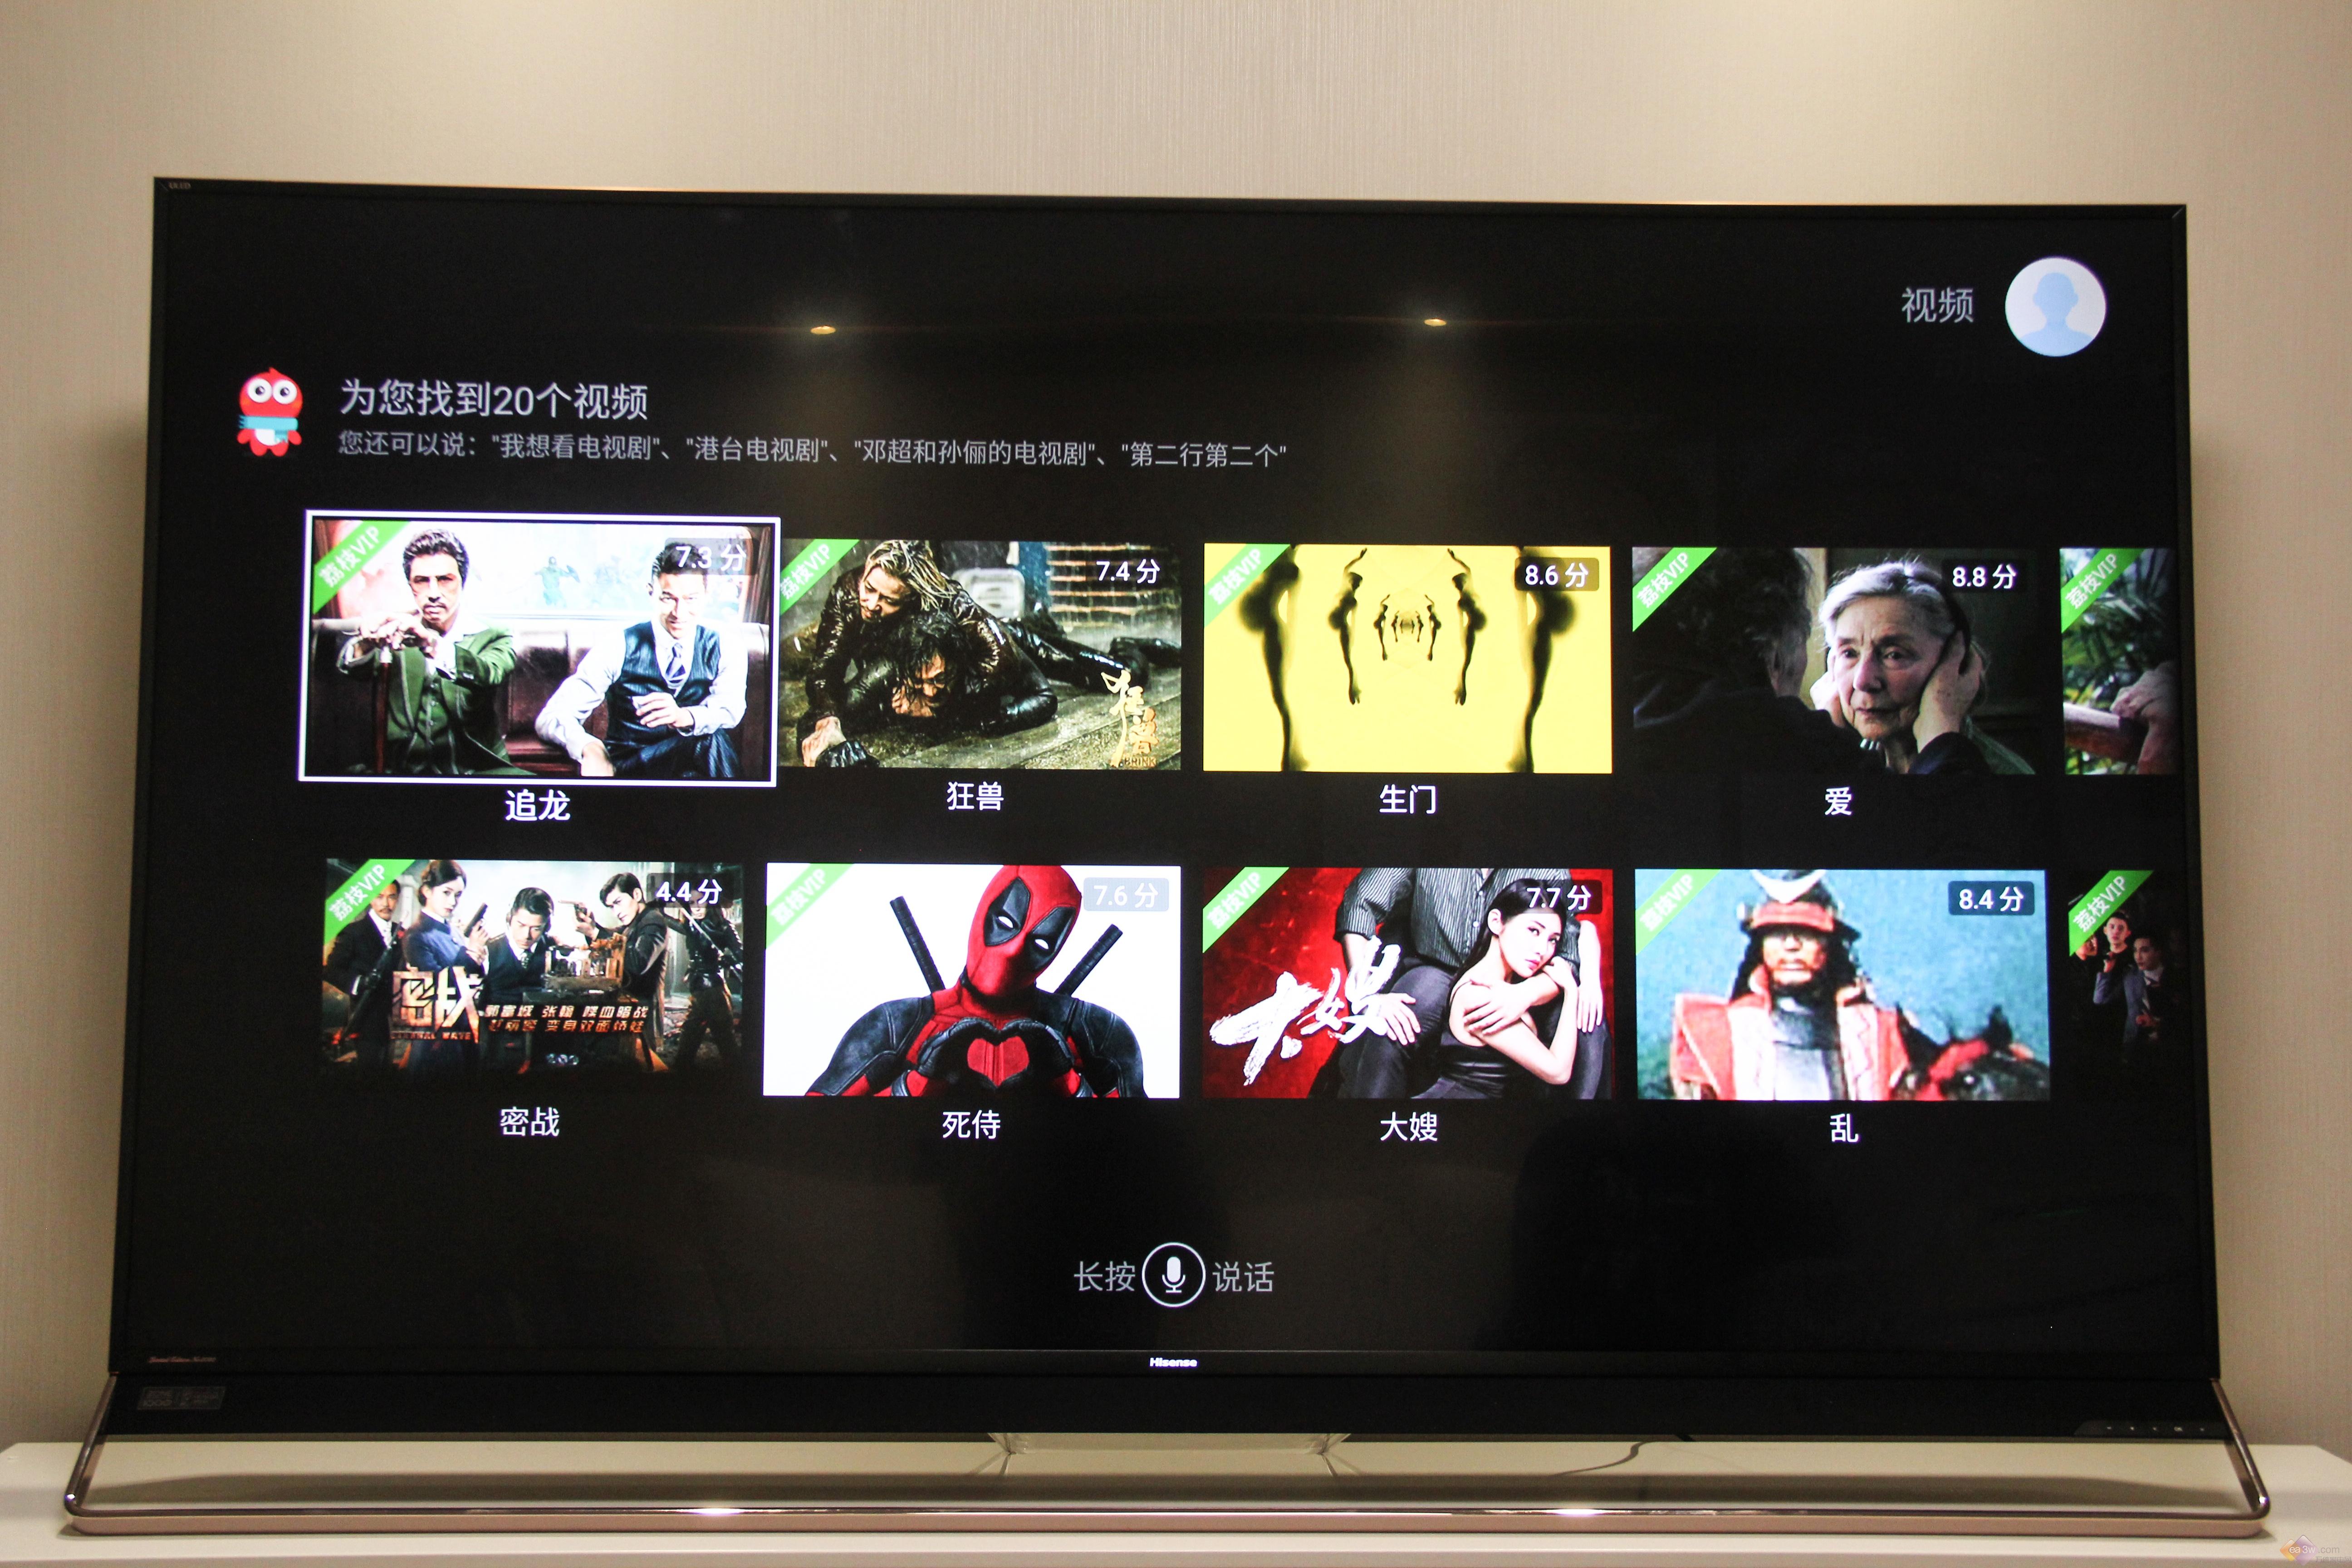 七大电视黑科技震撼来袭,这些吊炸天的玩法你知道几个